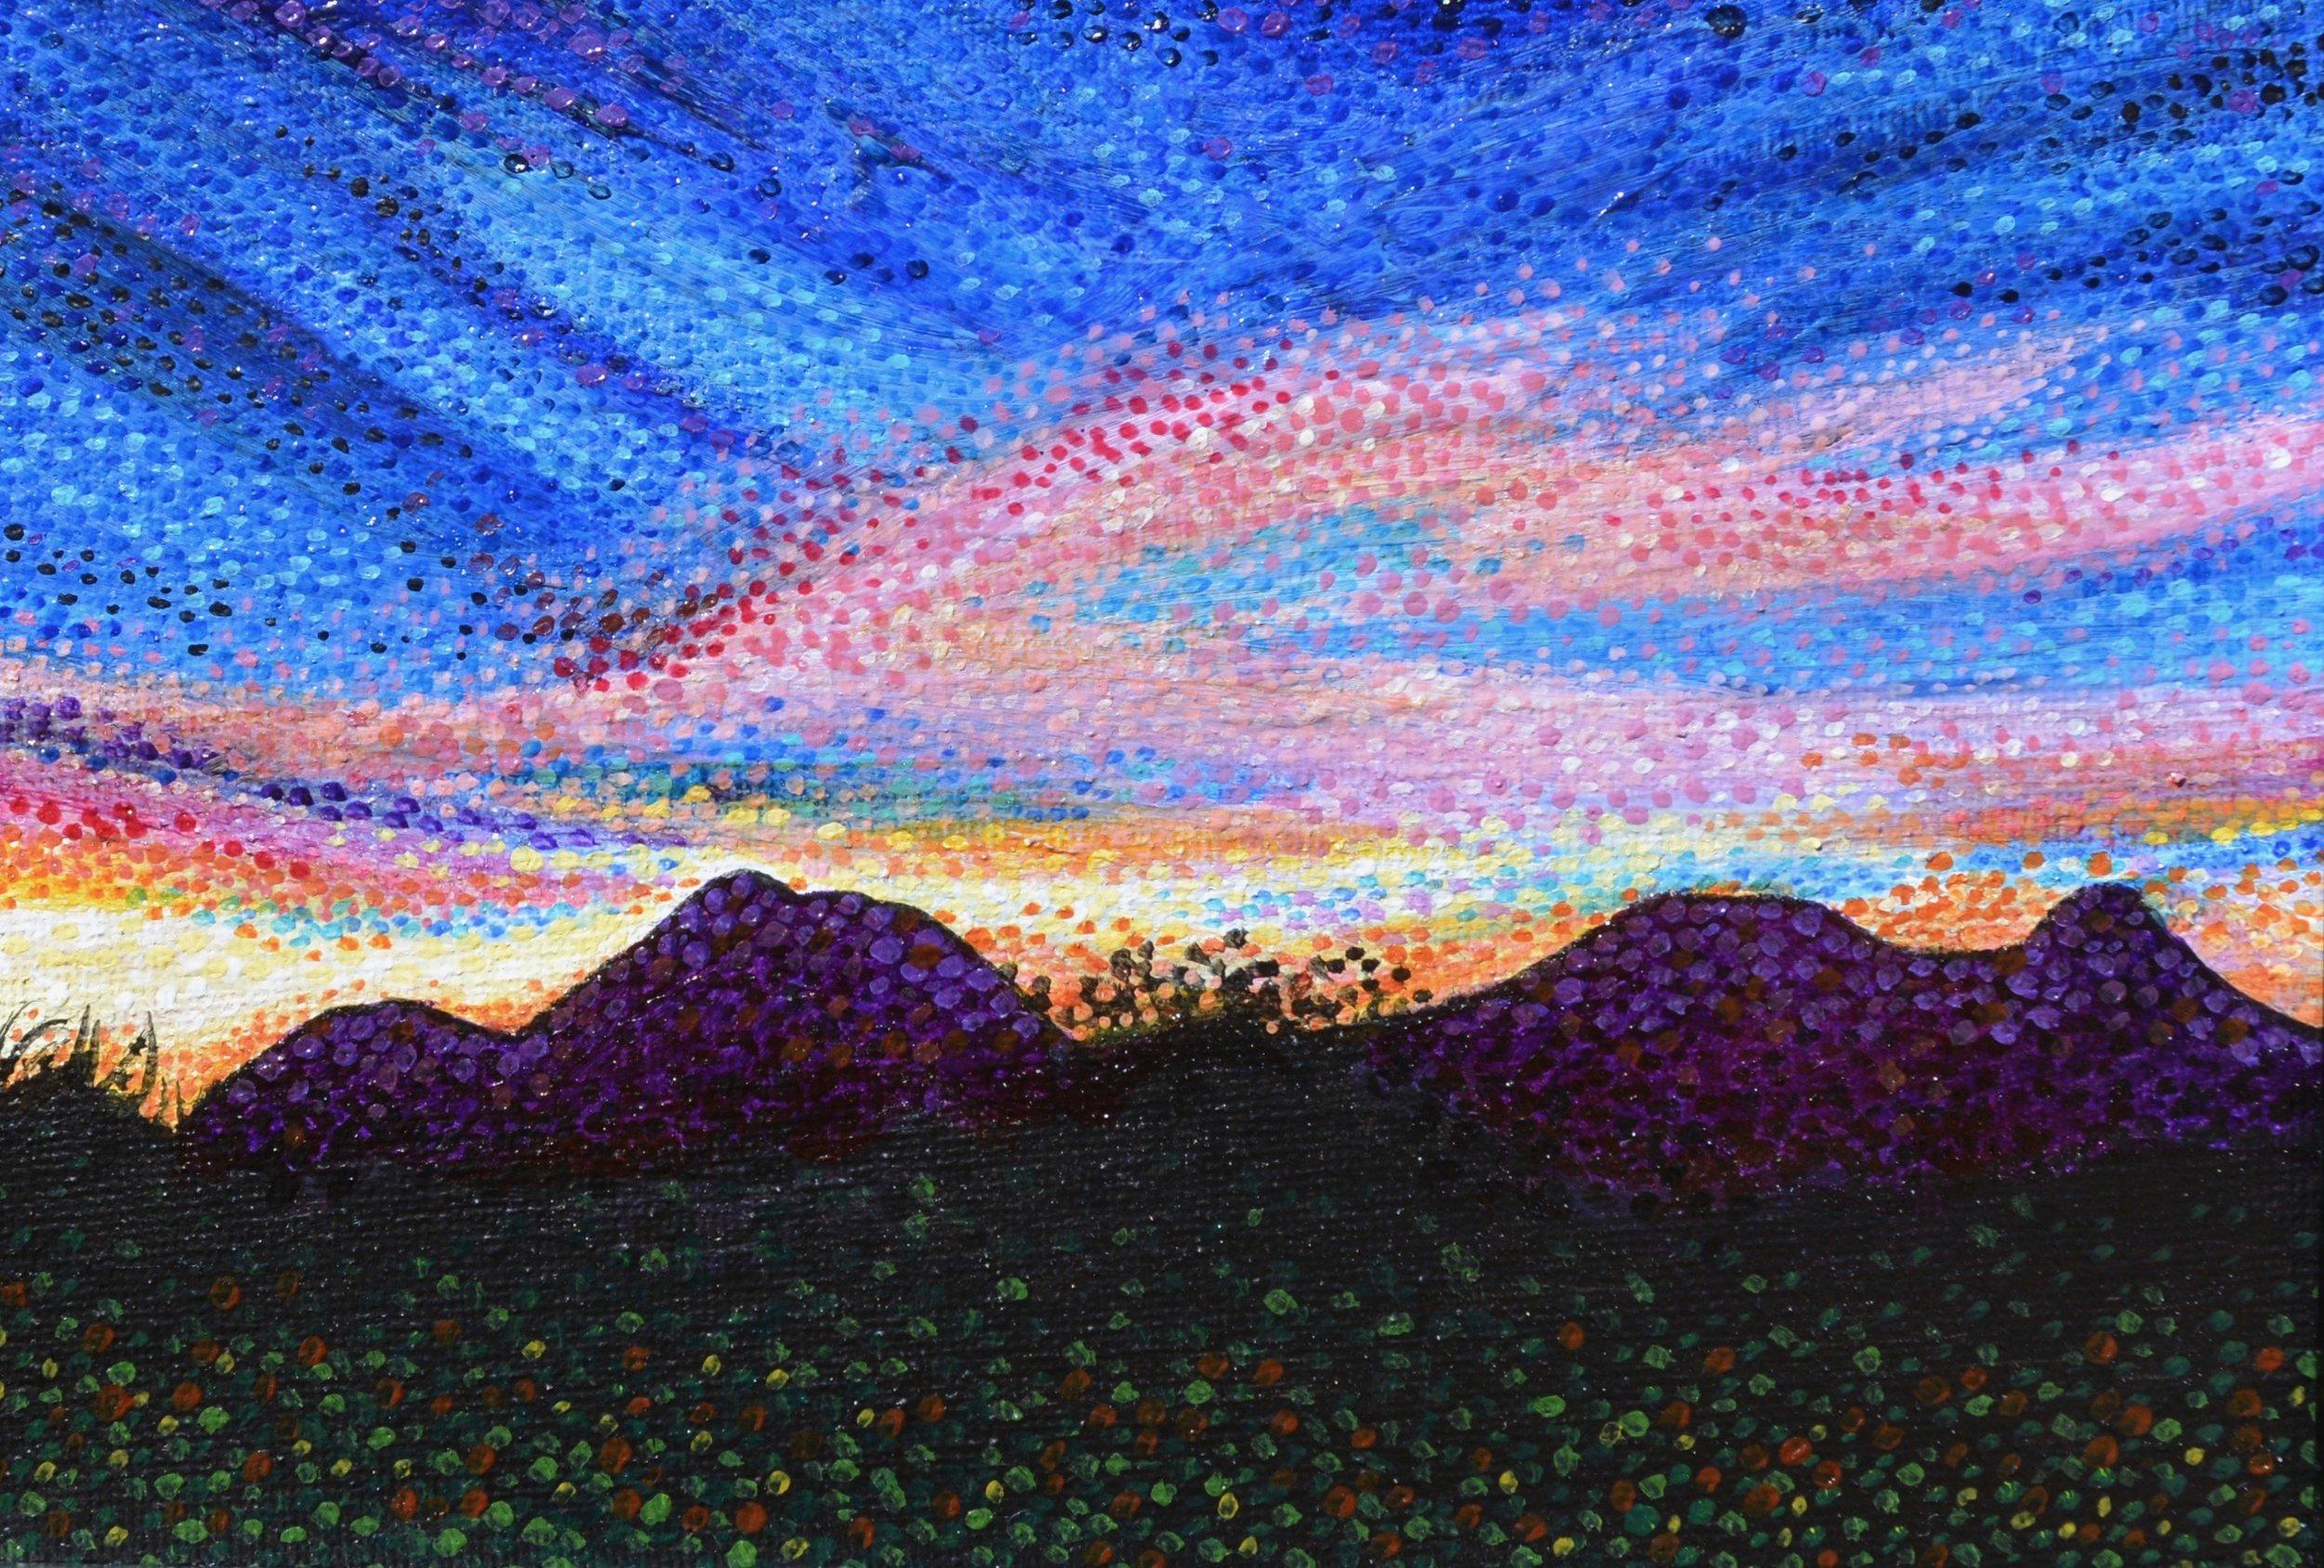 Tucson, Arizona: 11/21/17, 17:38:07